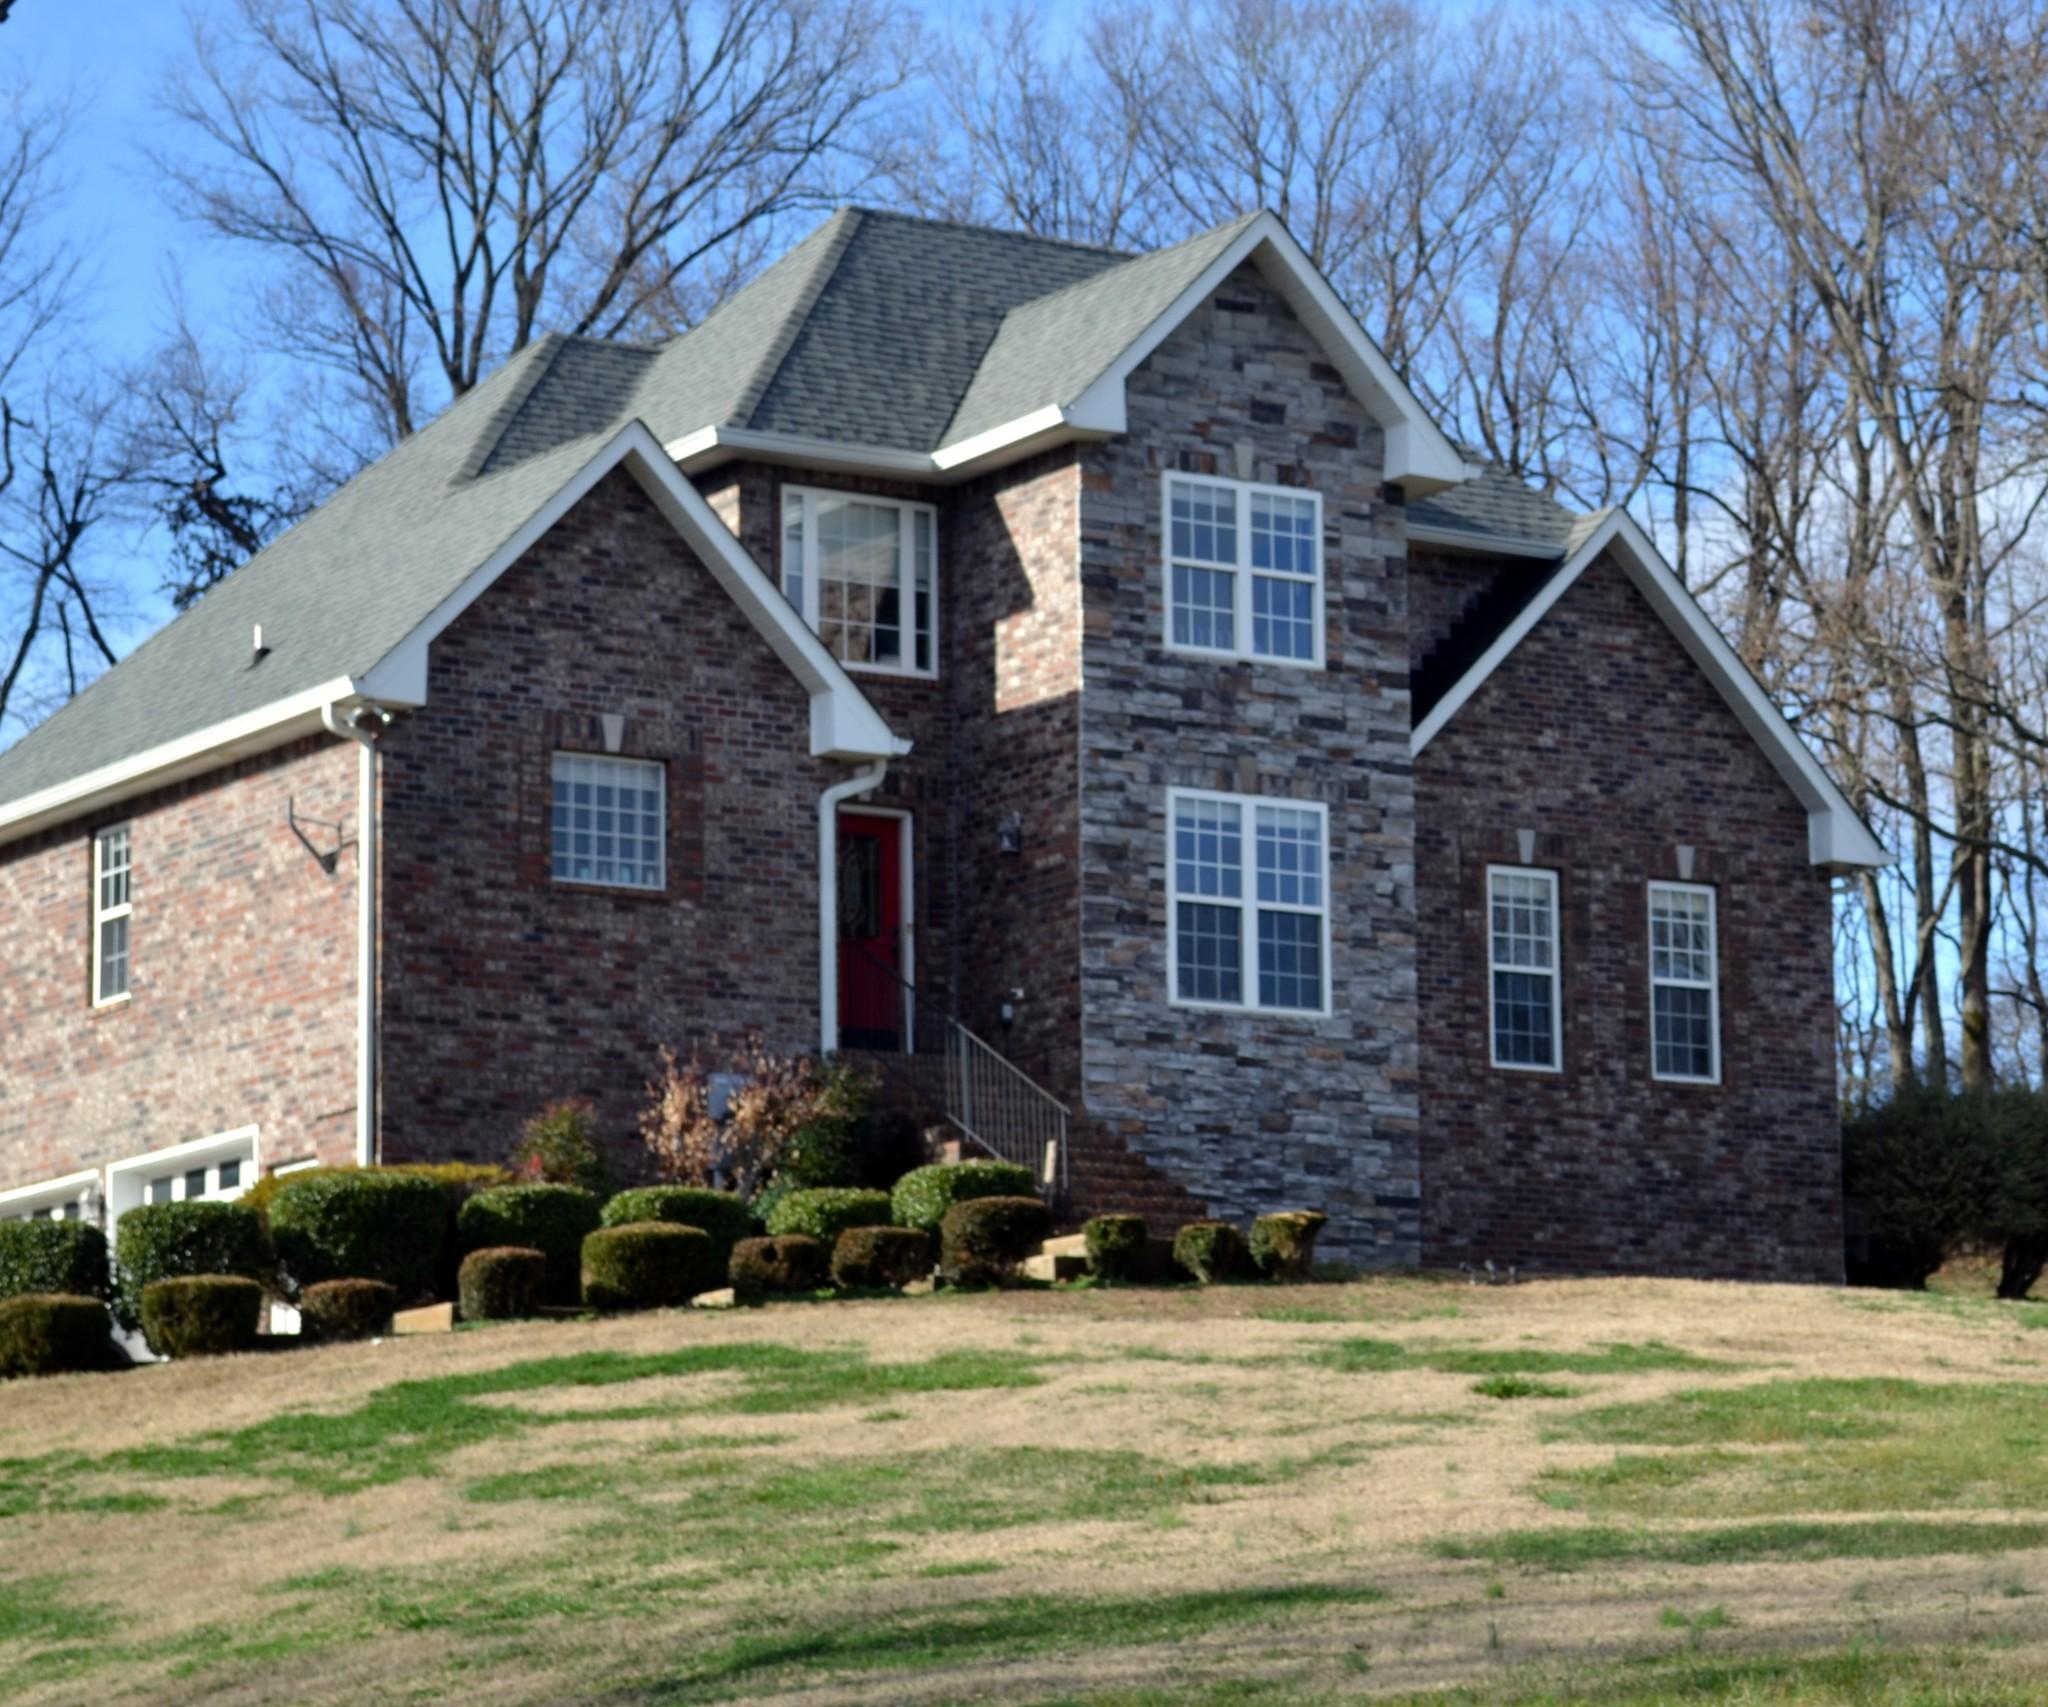 1293 Rock Springs Rd, Watertown, TN 37184 - Watertown, TN real estate listing